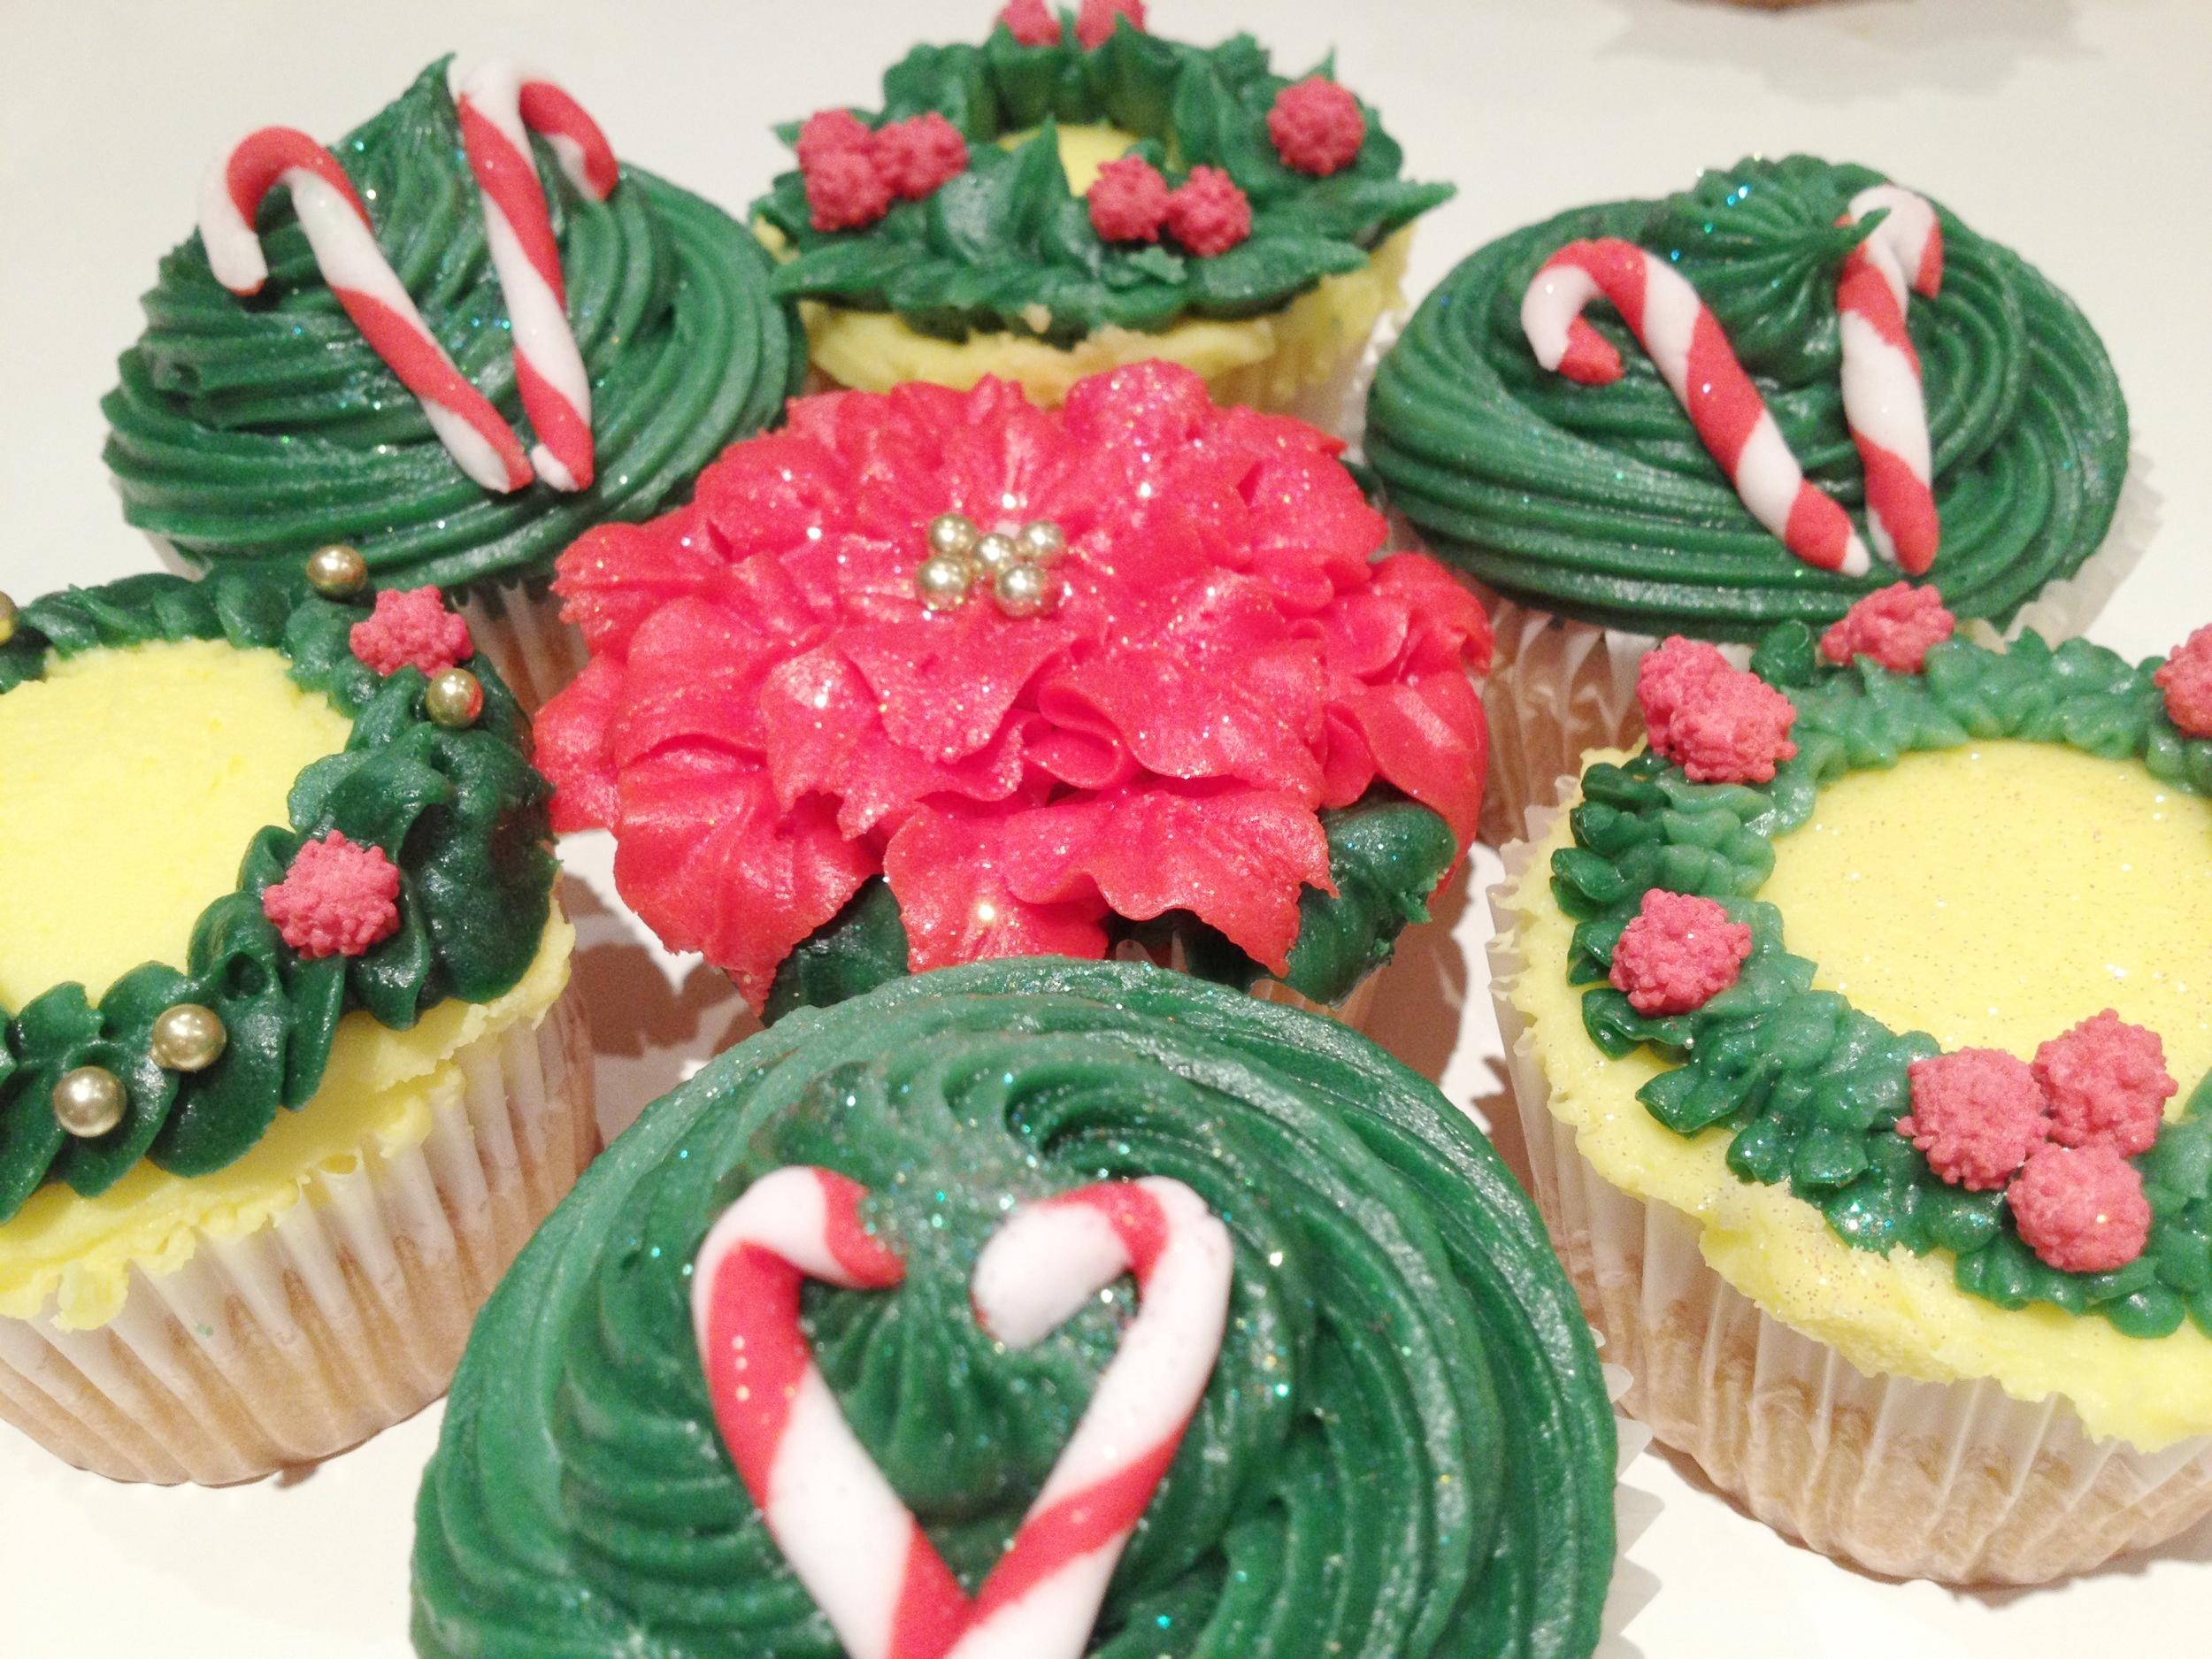 Xmas cakes 4.JPG